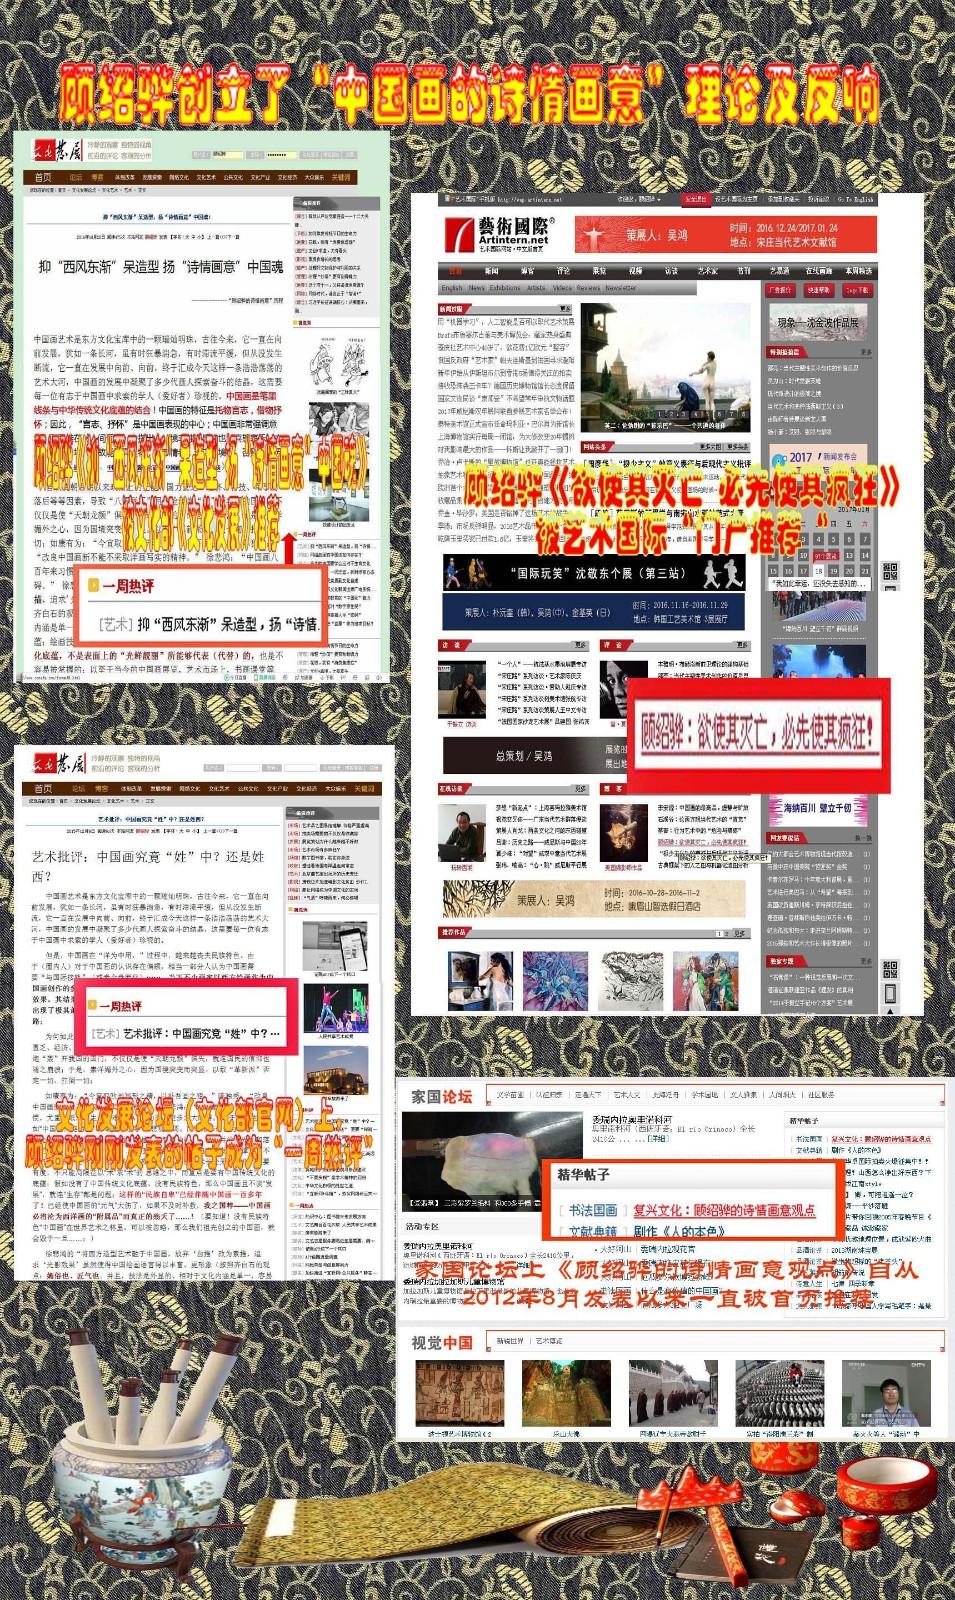 顾绍骅在中国画方面作出的一点贡献_图1-18